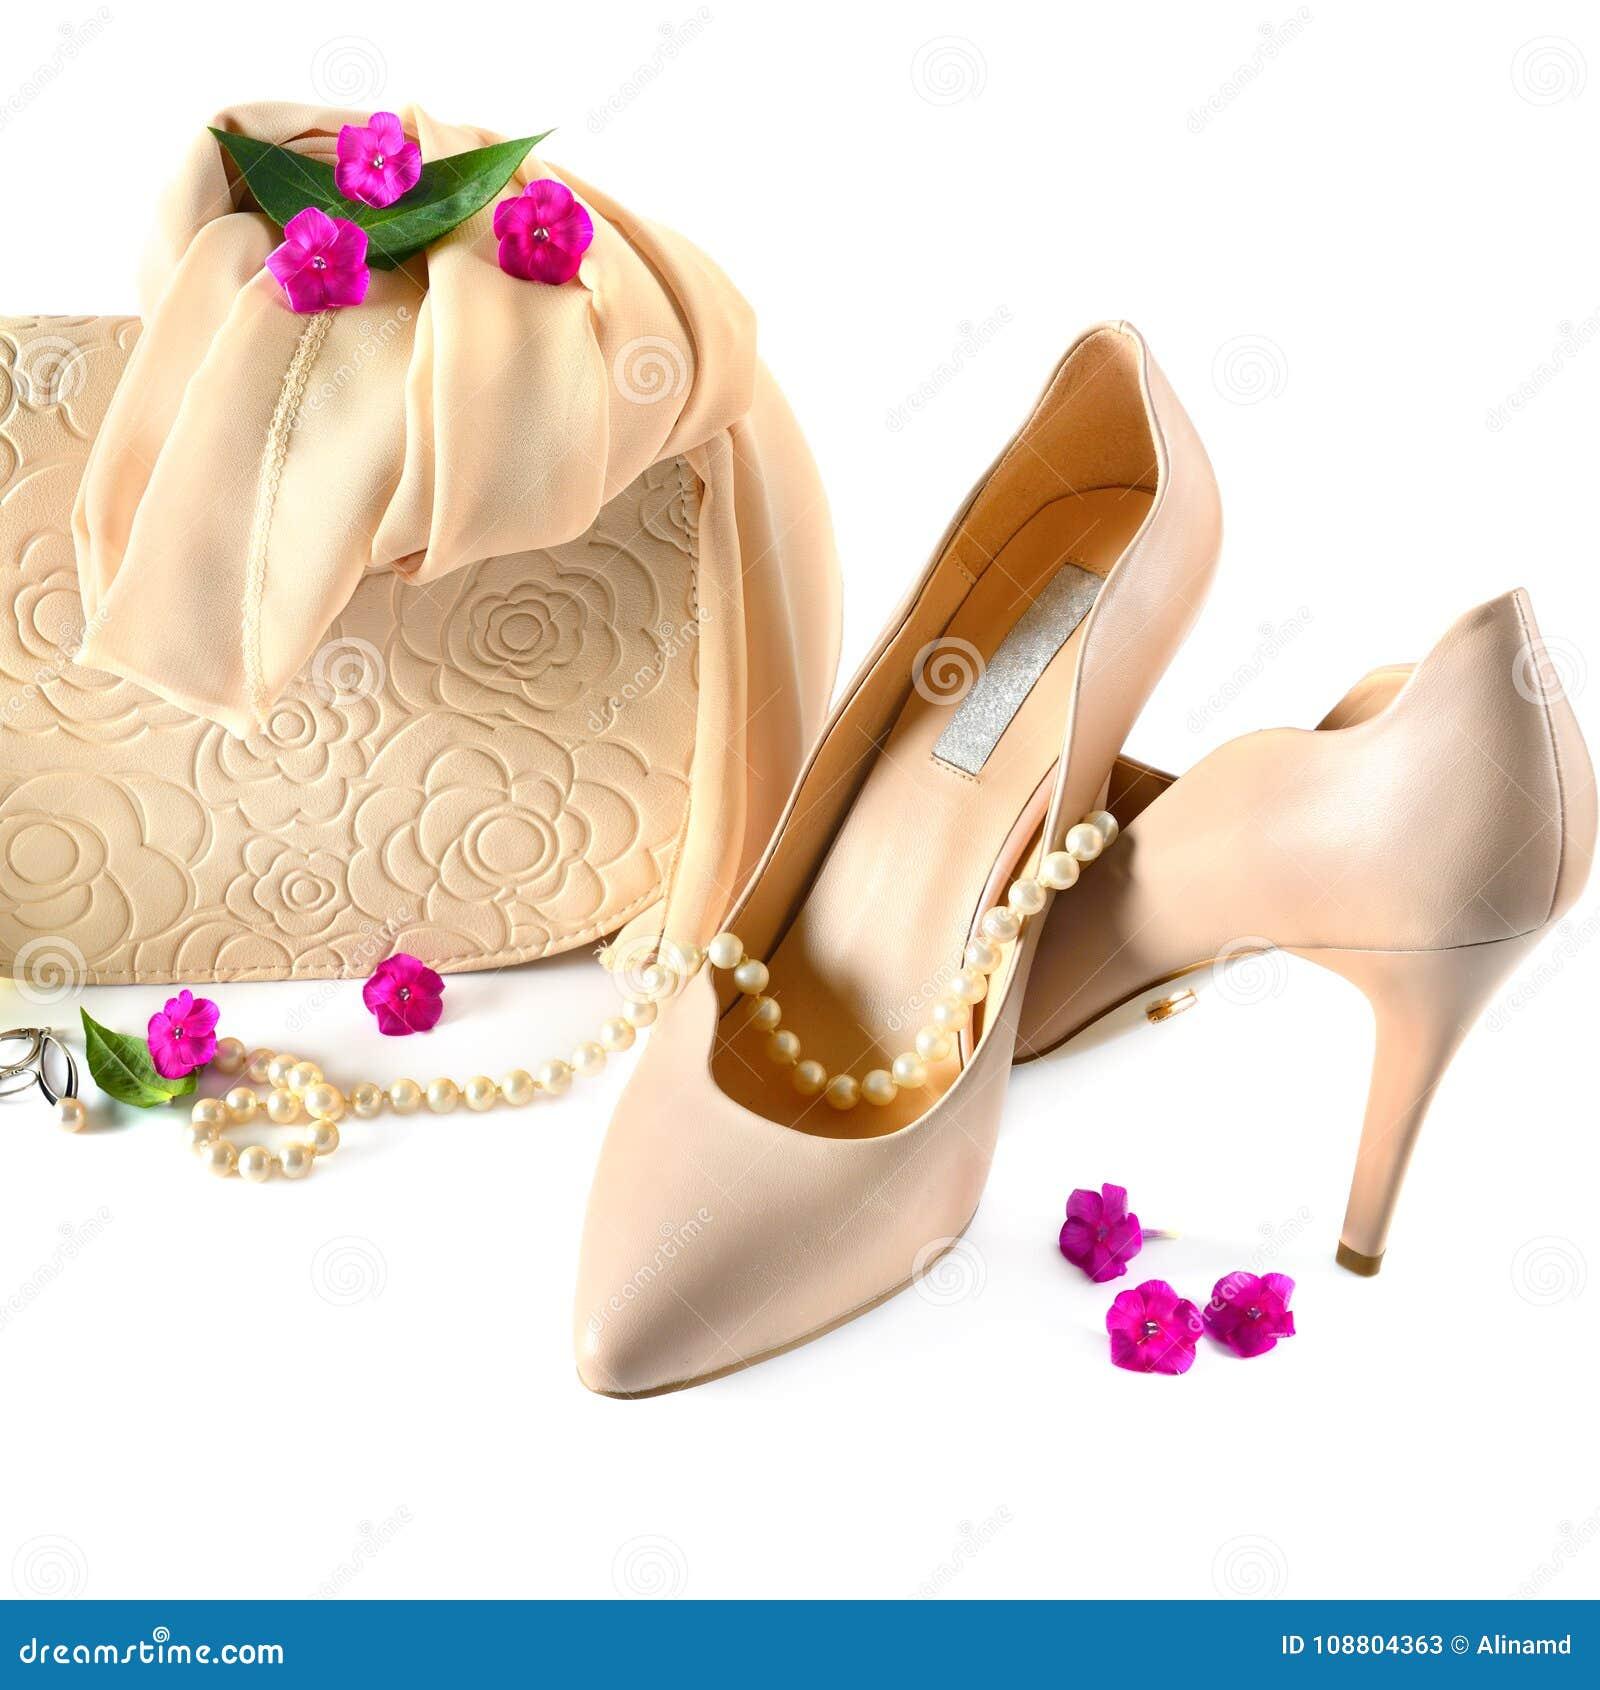 on sale 29544 9eb13 Damen Bauschen Sich, Die Schuhe Und Schmuck, Die Auf Weißem ...